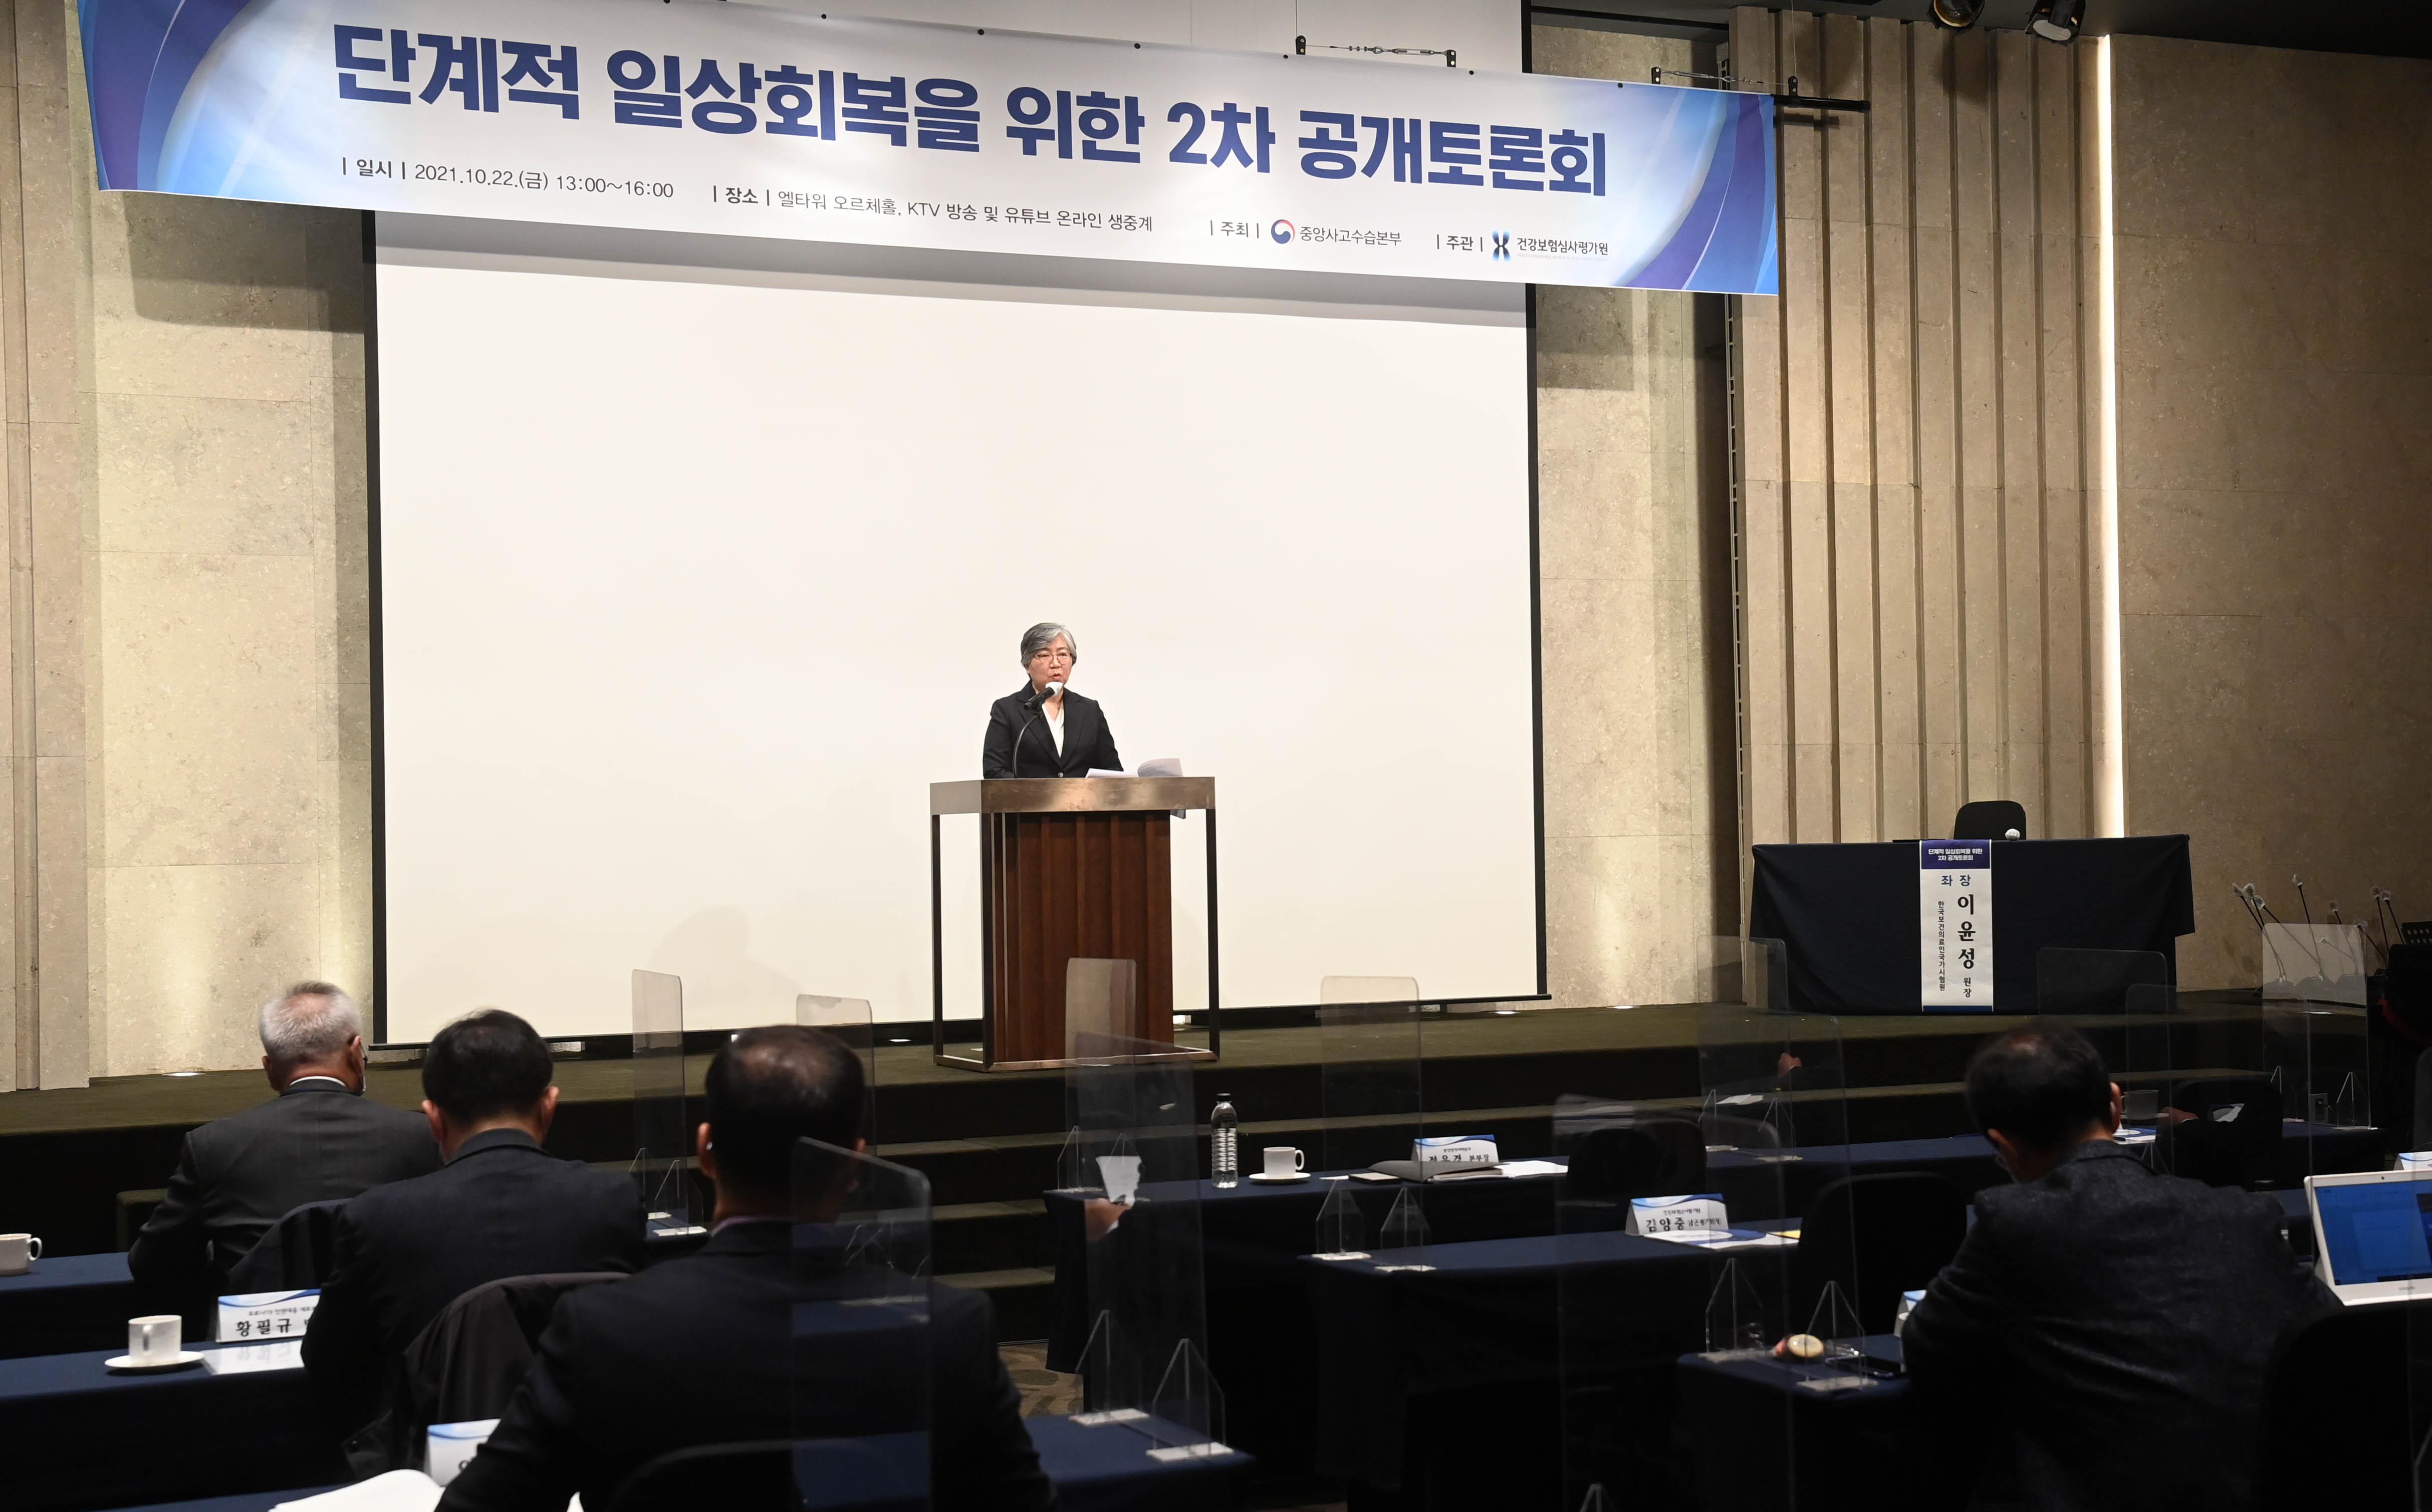 '위드코로나, 어떻게' 단계적 일상회복 2차 공개토론회 개최